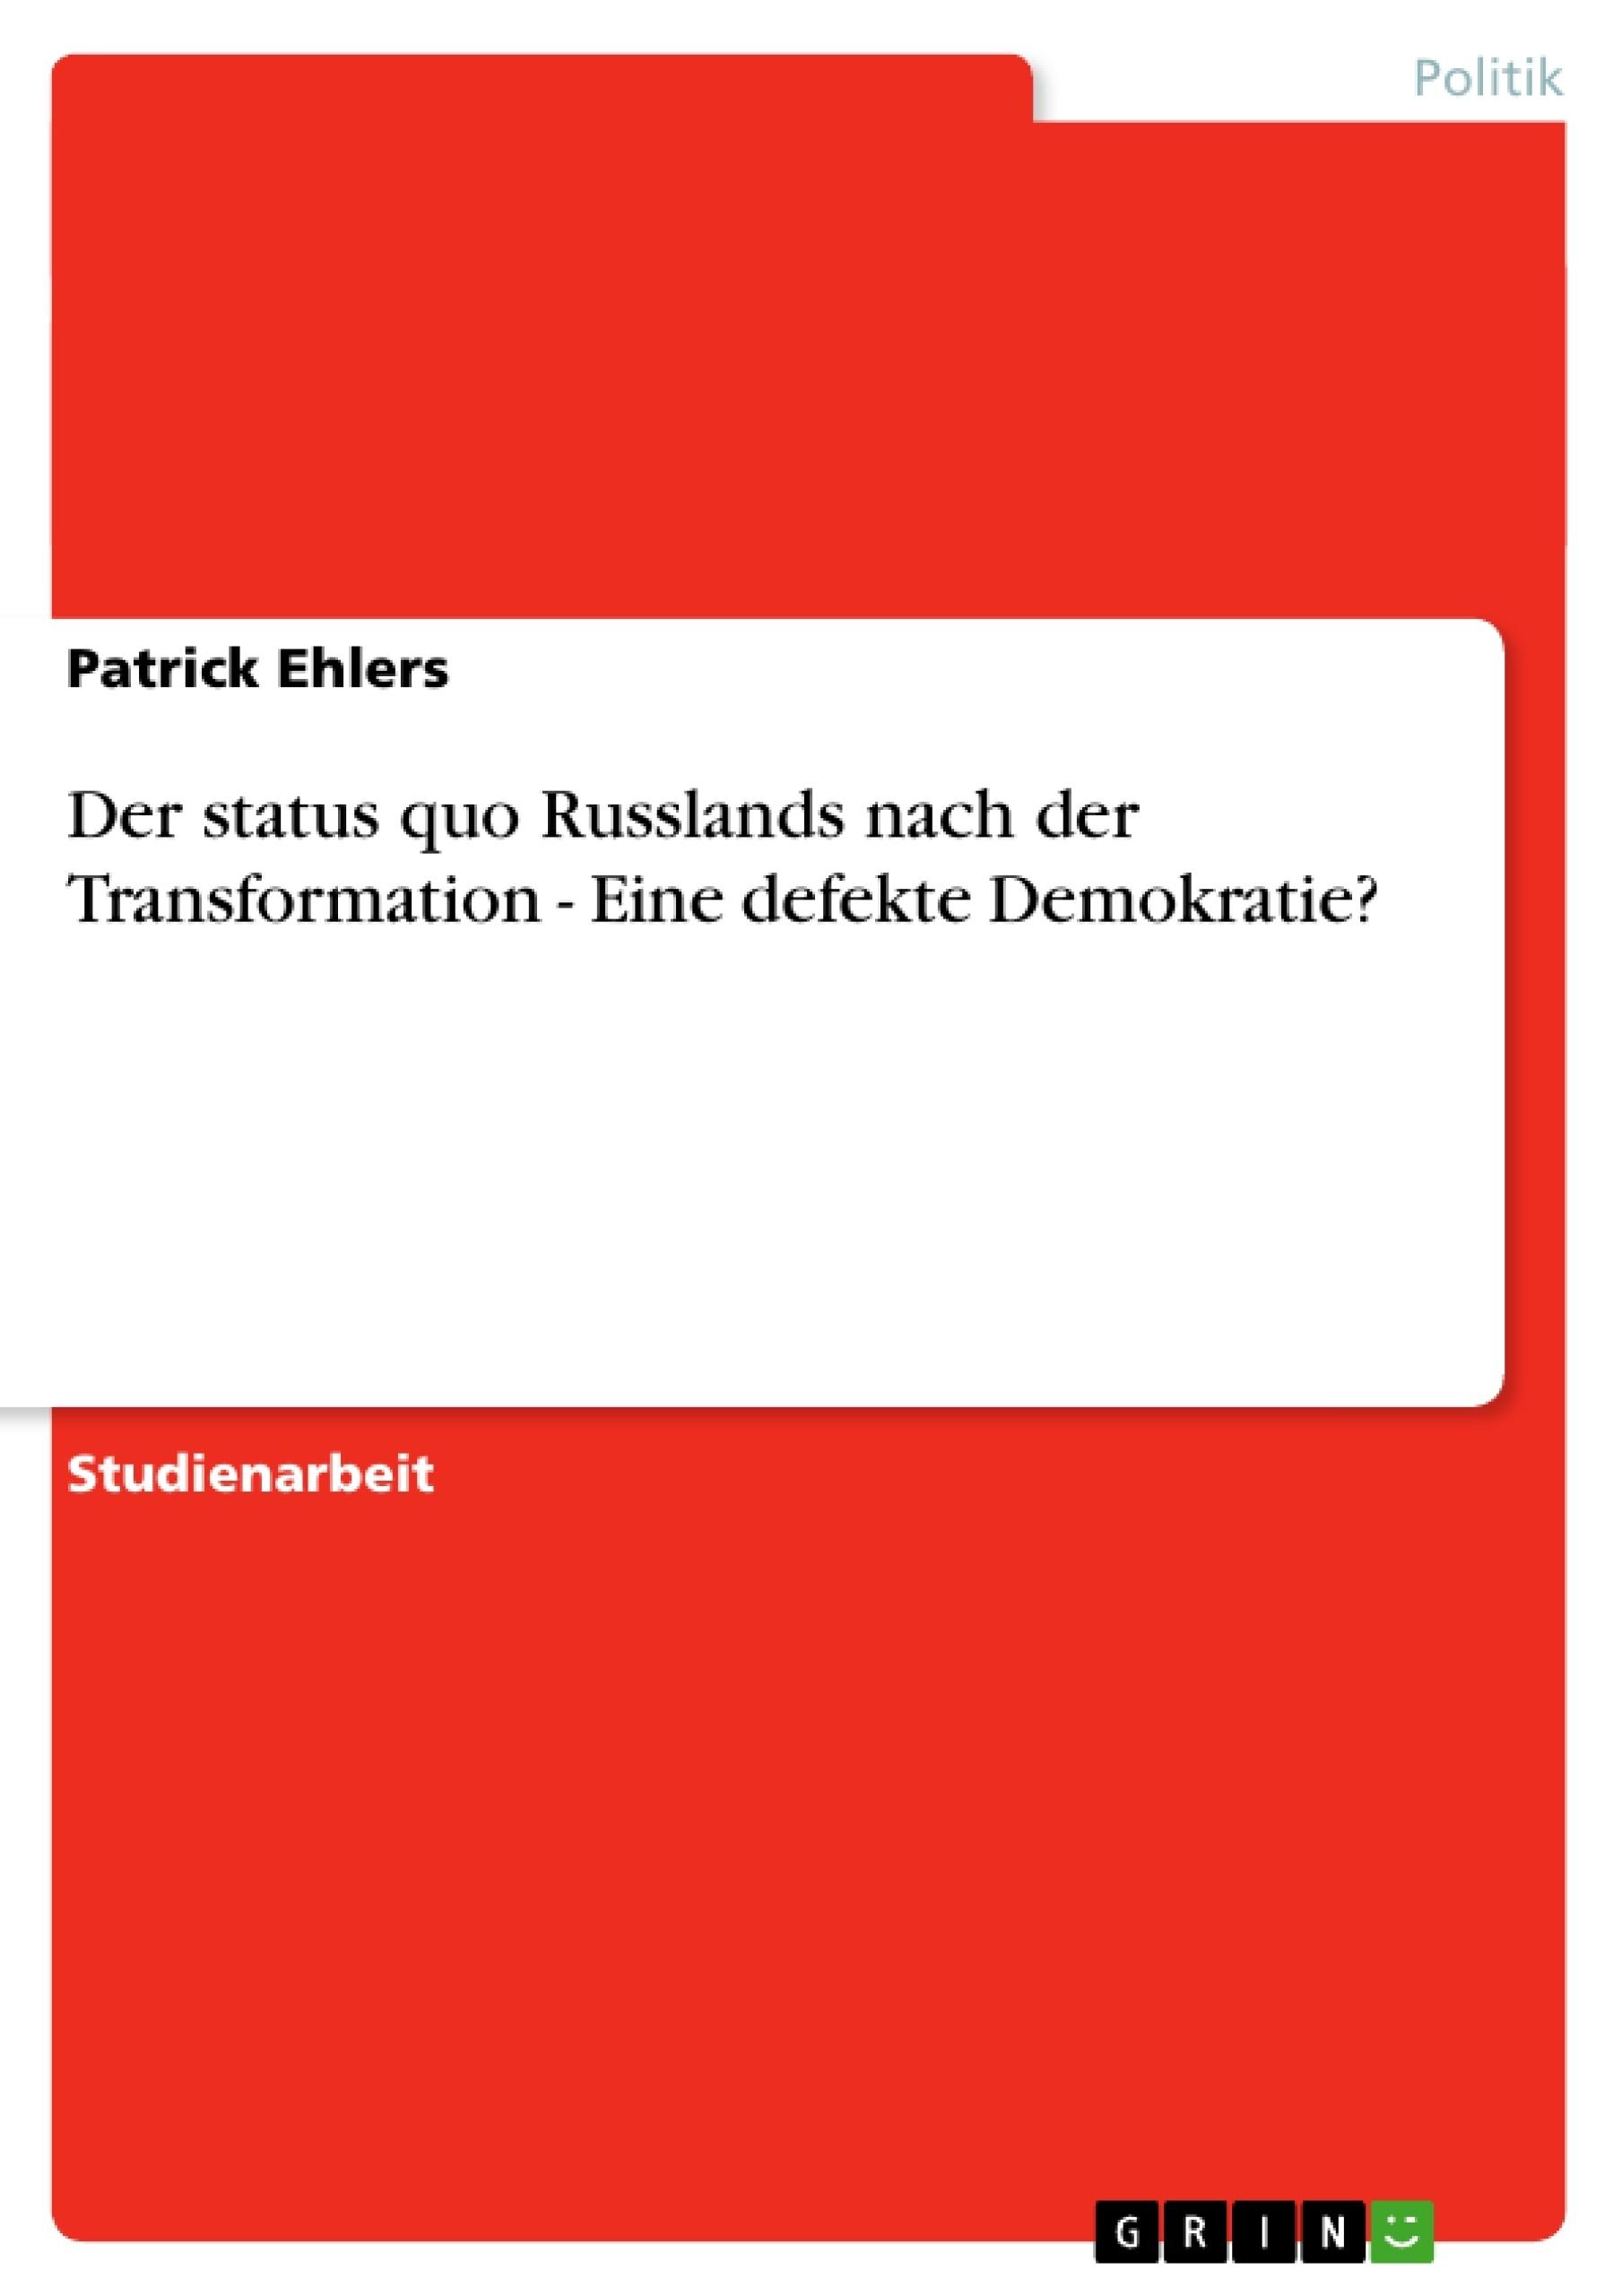 Titel: Der status quo Russlands nach der Transformation - Eine defekte Demokratie?